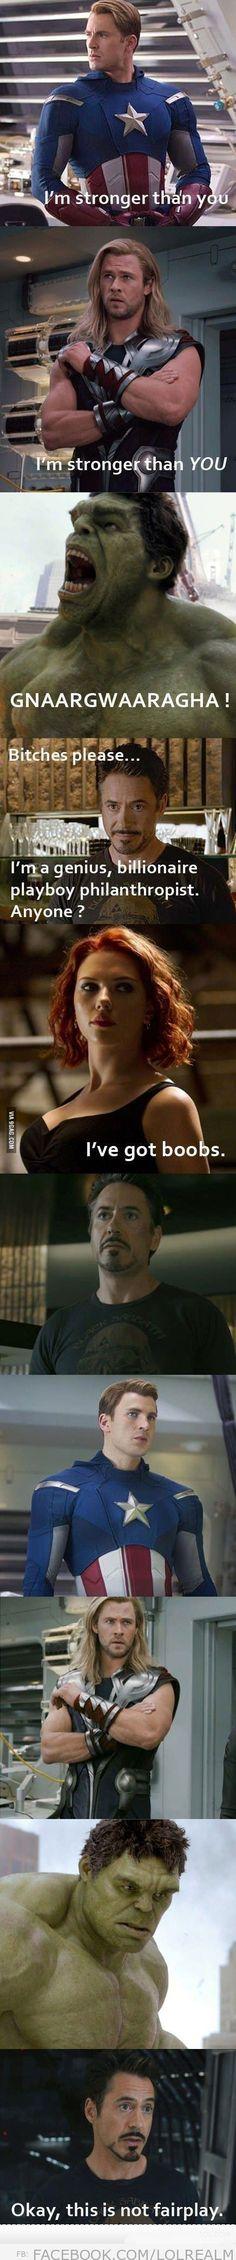 #avengers #funny